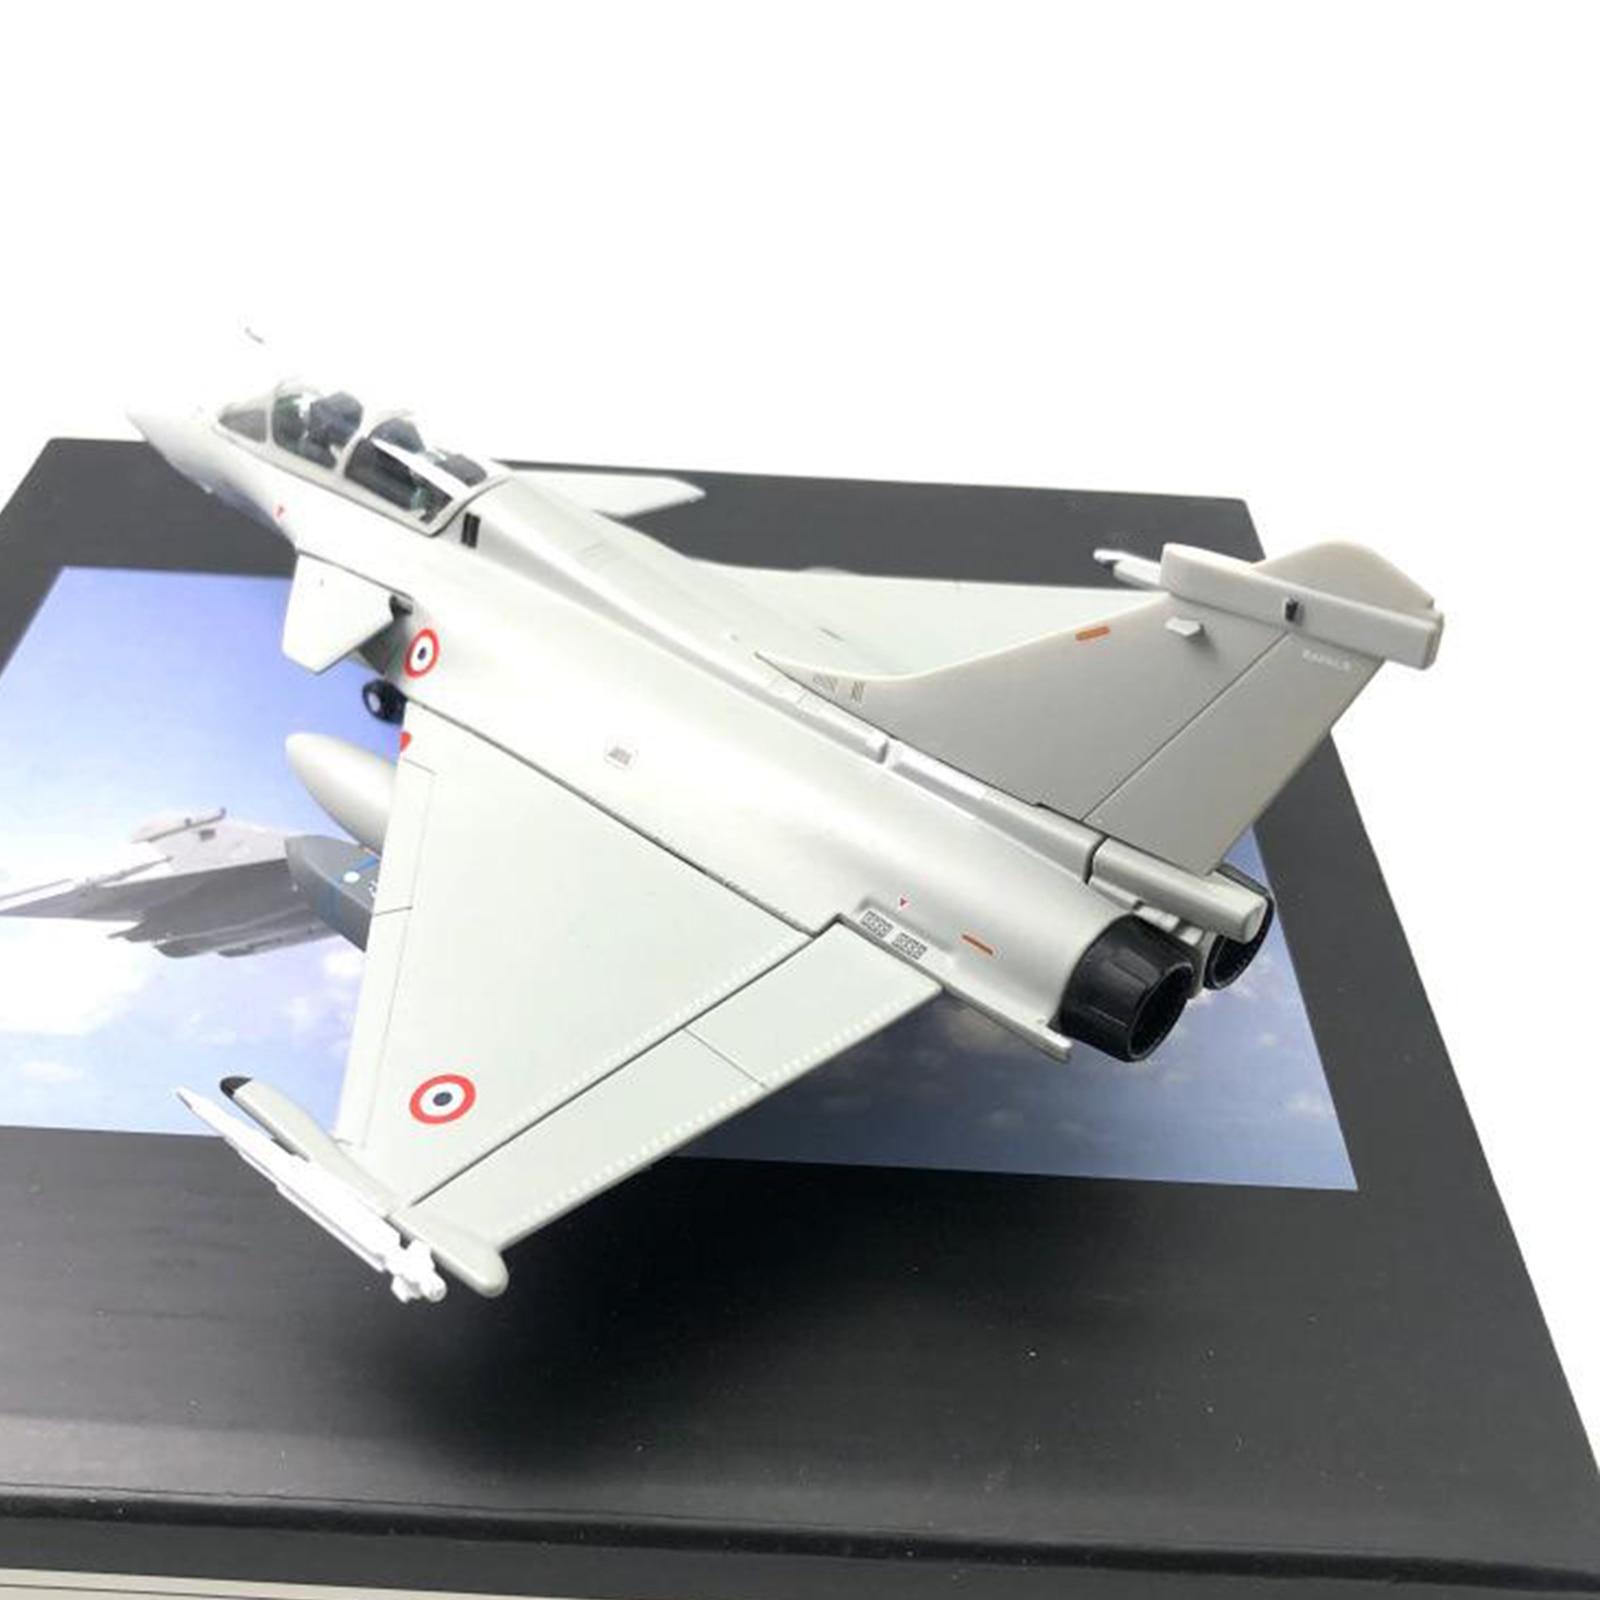 1/72 ölçekli Dassault Rafale Fighter Metal Model uçak ev dekorasyon